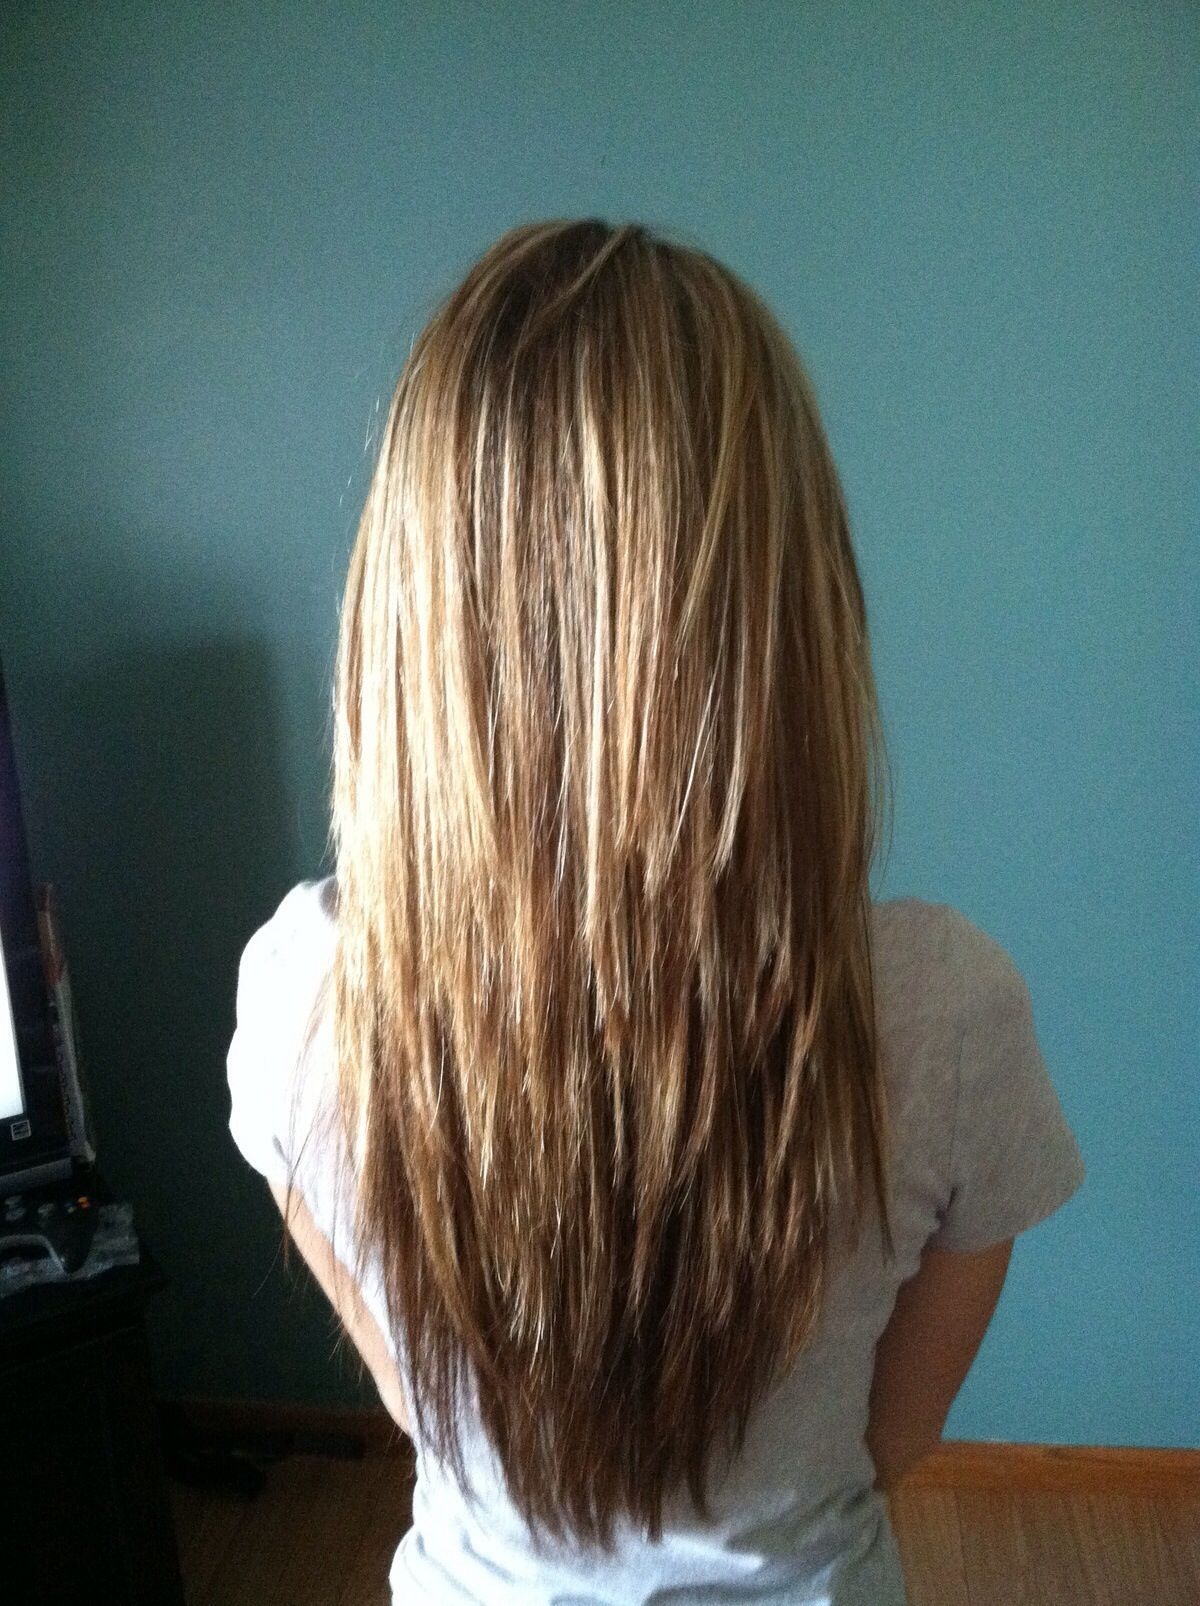 Frisur Stufen Haare Pinterest